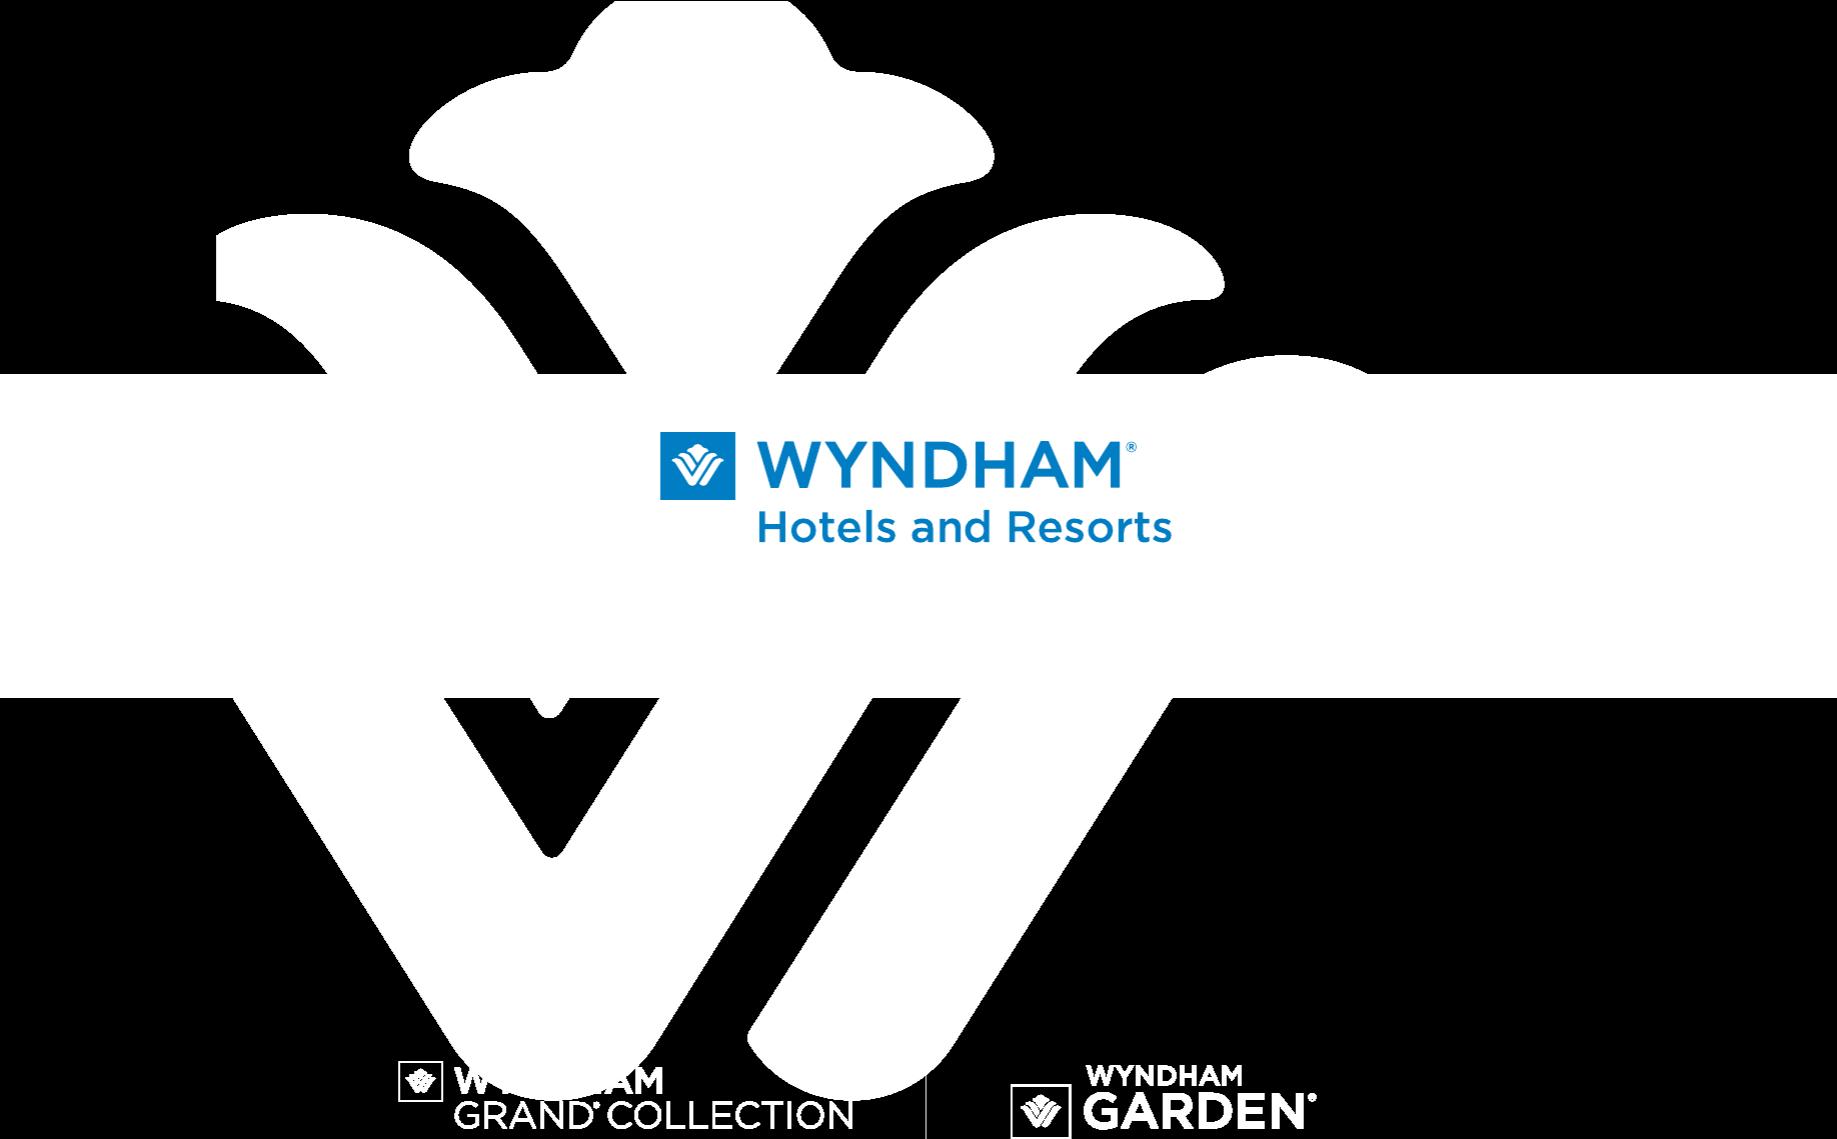 文档网 所有分类 人文社科 设计/艺术 wyndham design guidelines图片